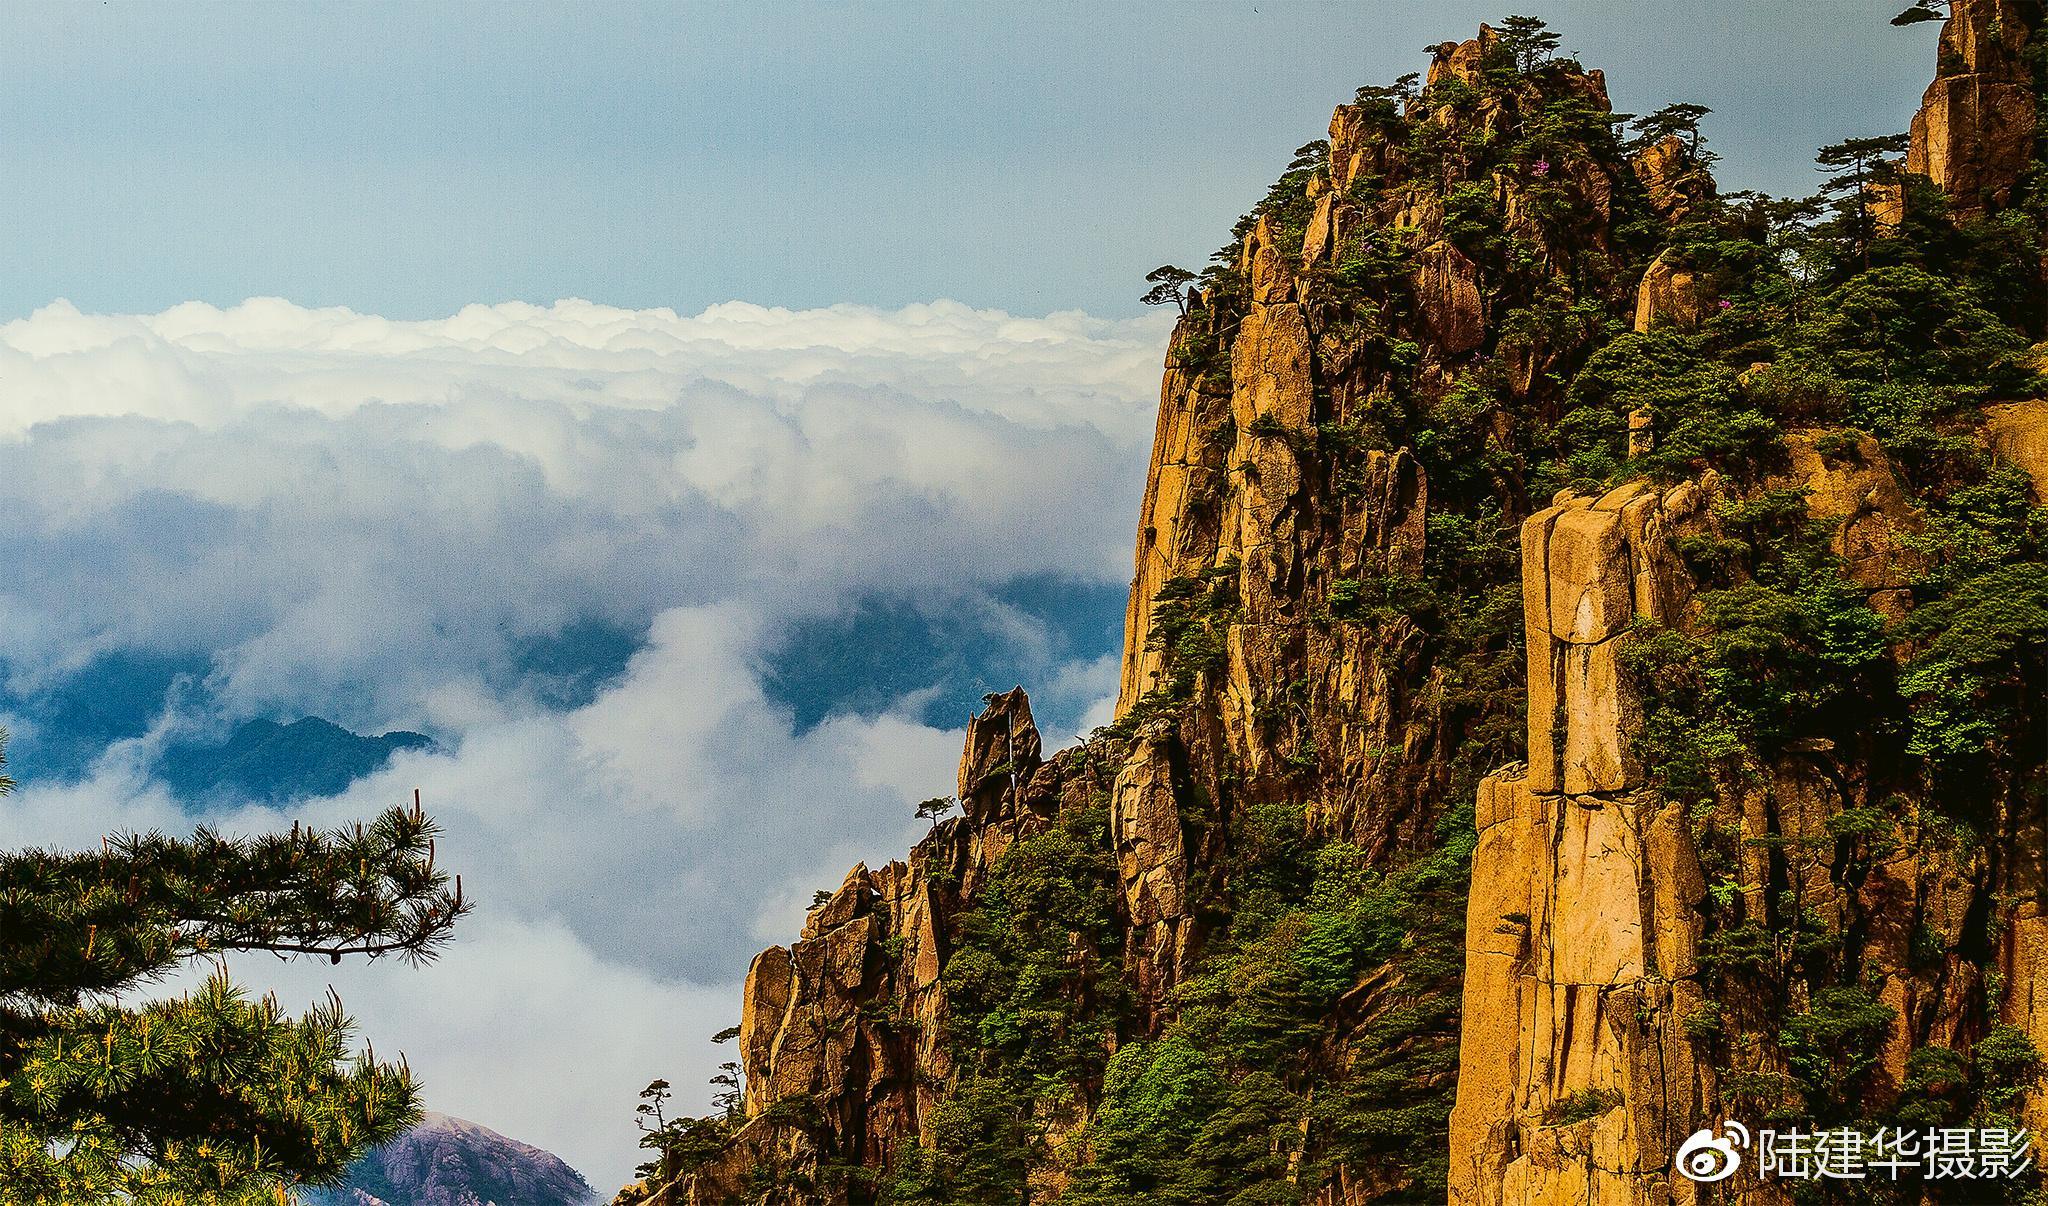 中国最有名旅游景点_这是国内最受游客喜爱旅游目的地,看看它有多美_新浪旅游_新浪网